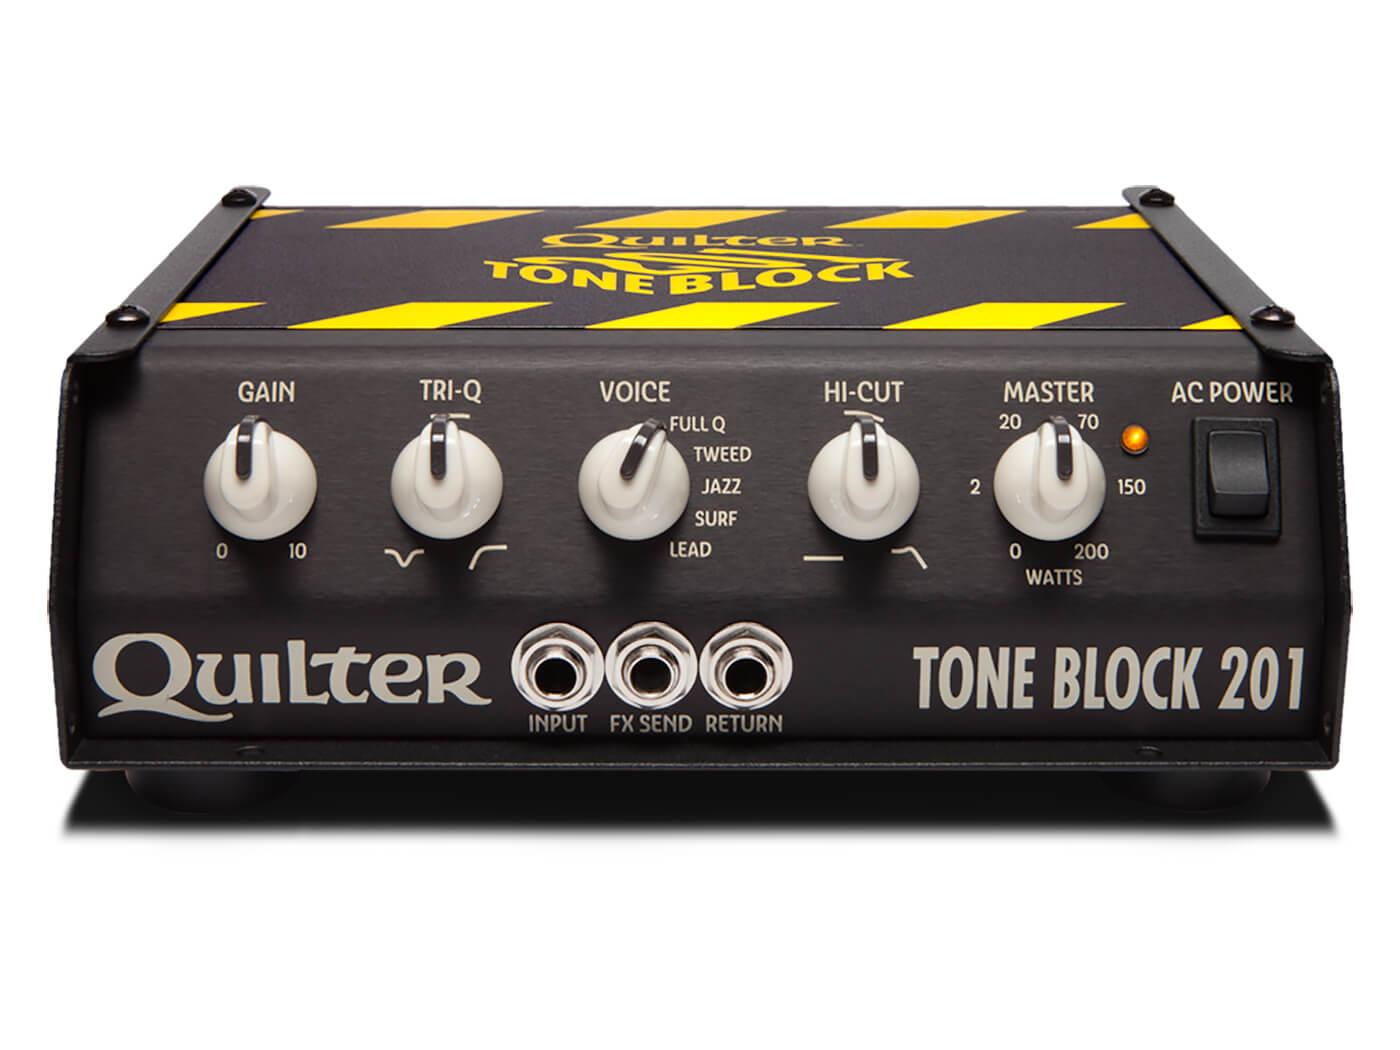 Quilter Tone Block 201